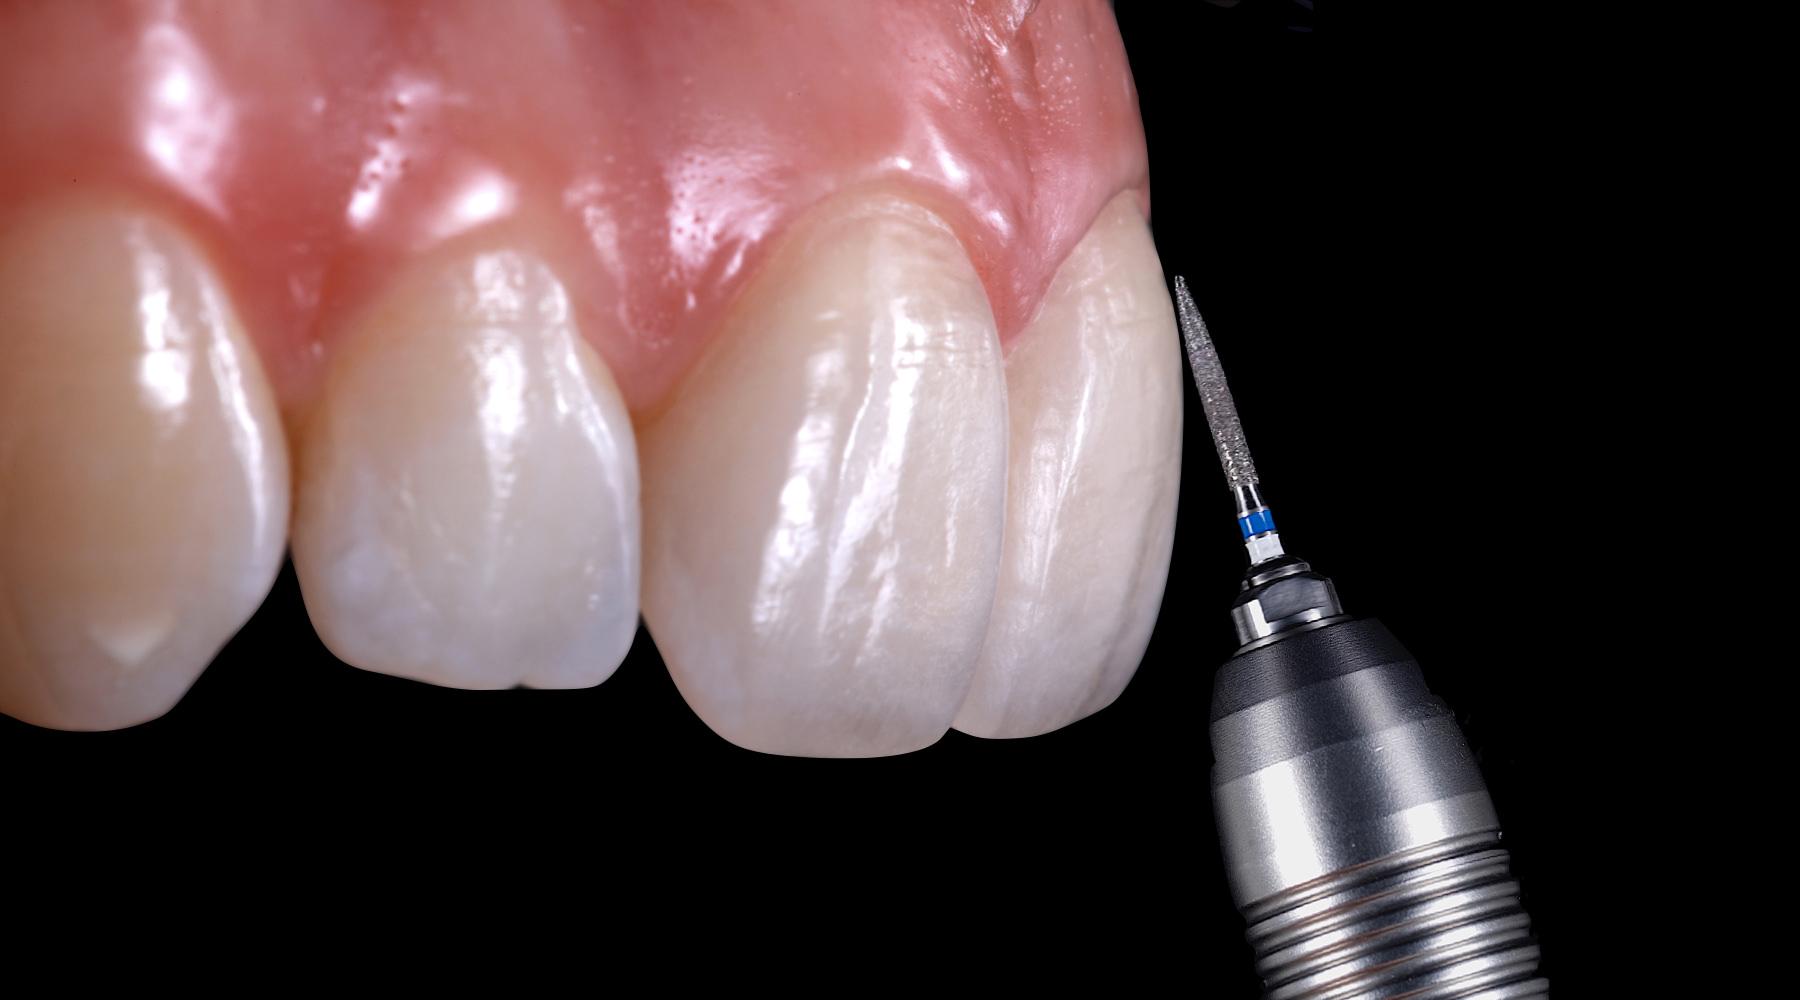 Tooth contour